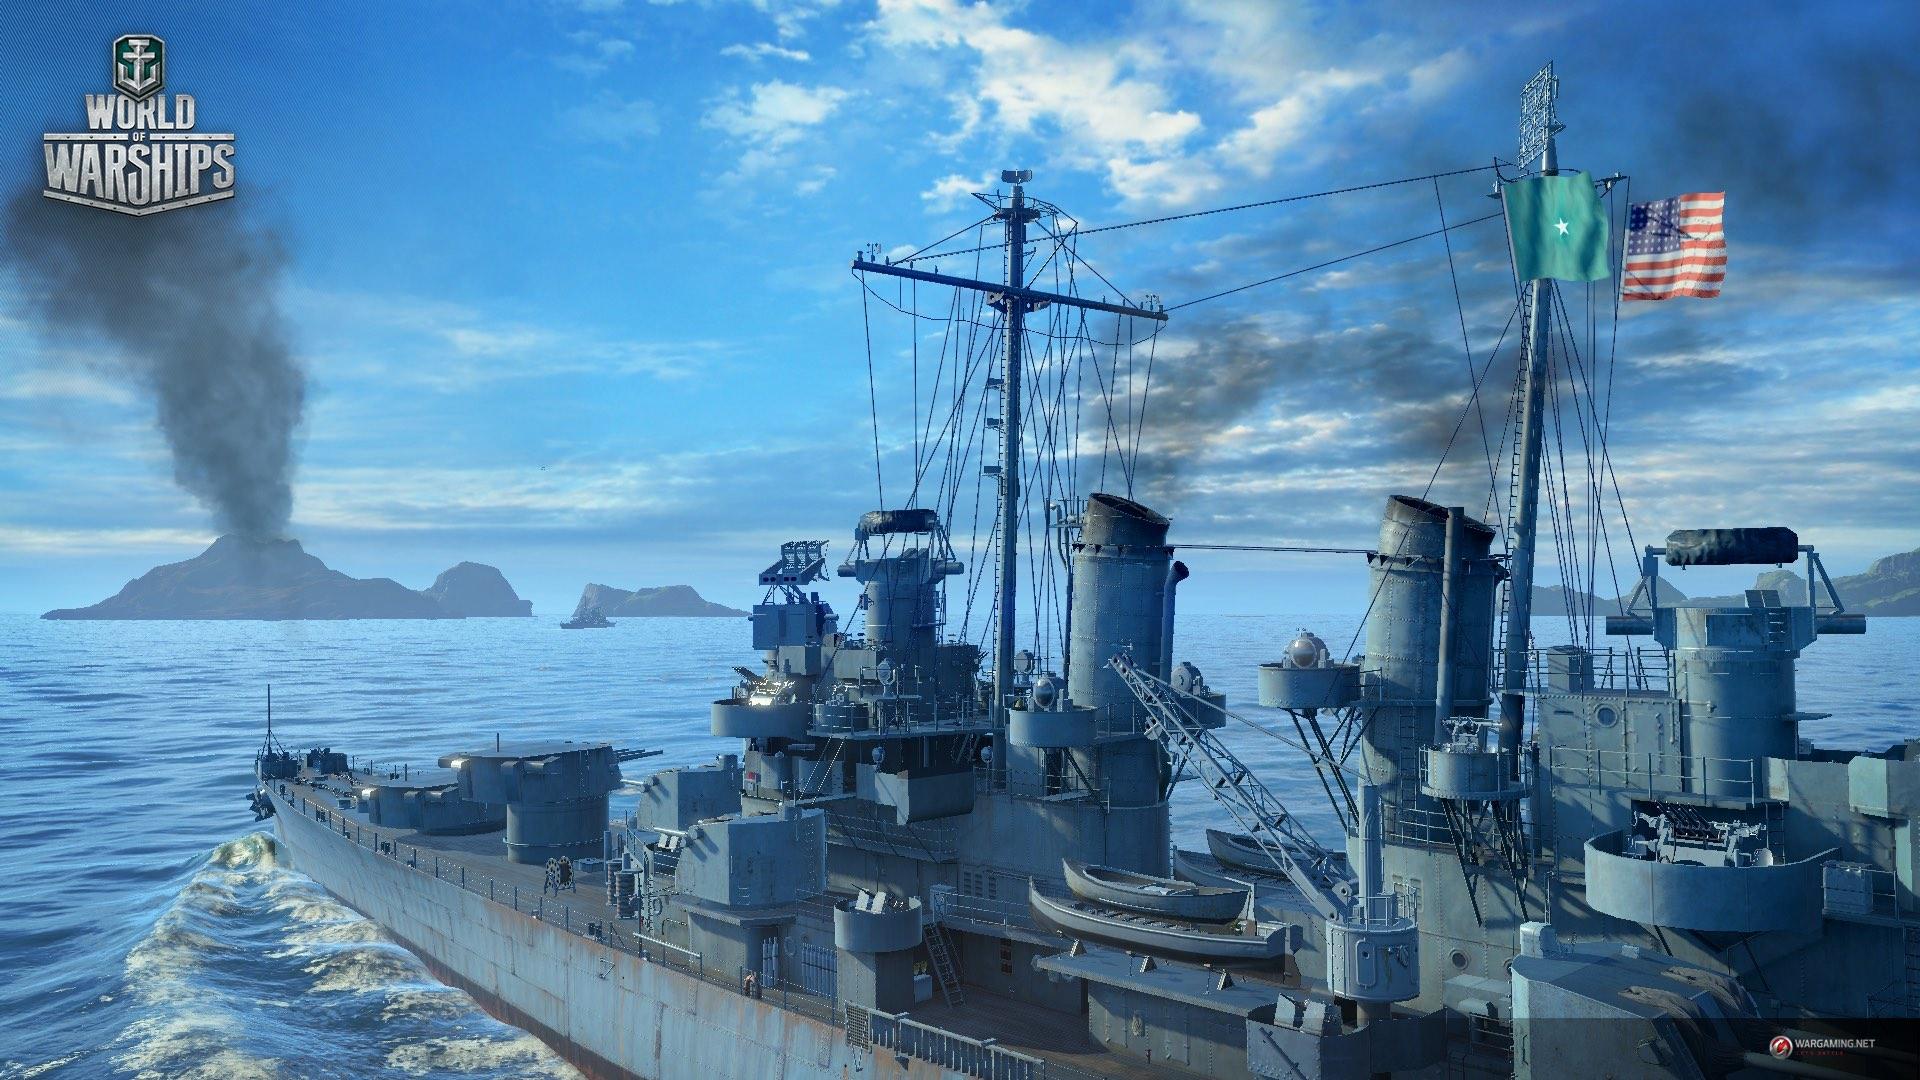 《戰艦世界》0.5.1 版更新 全新地圖與模式公開